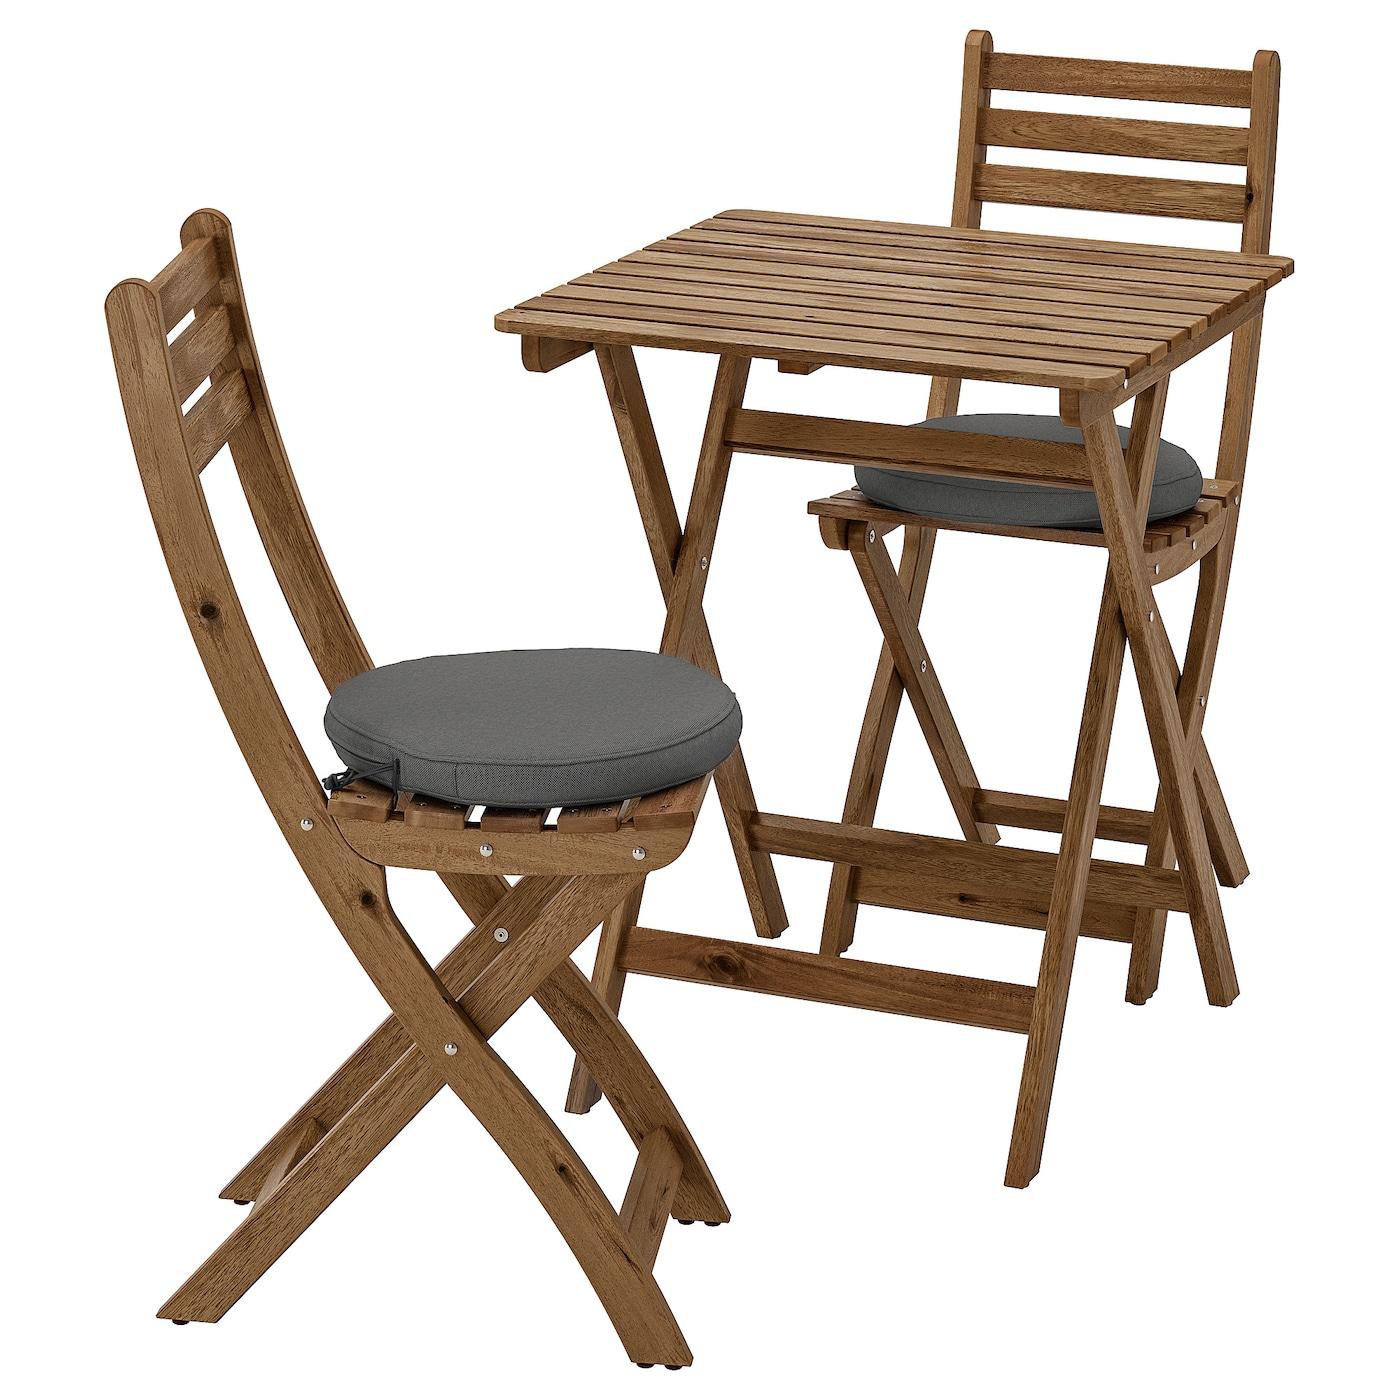 ASKHOLMEN Table2 chaises pliantes, extérieur teinté gris brun, FrösönDuvholmen gris foncé